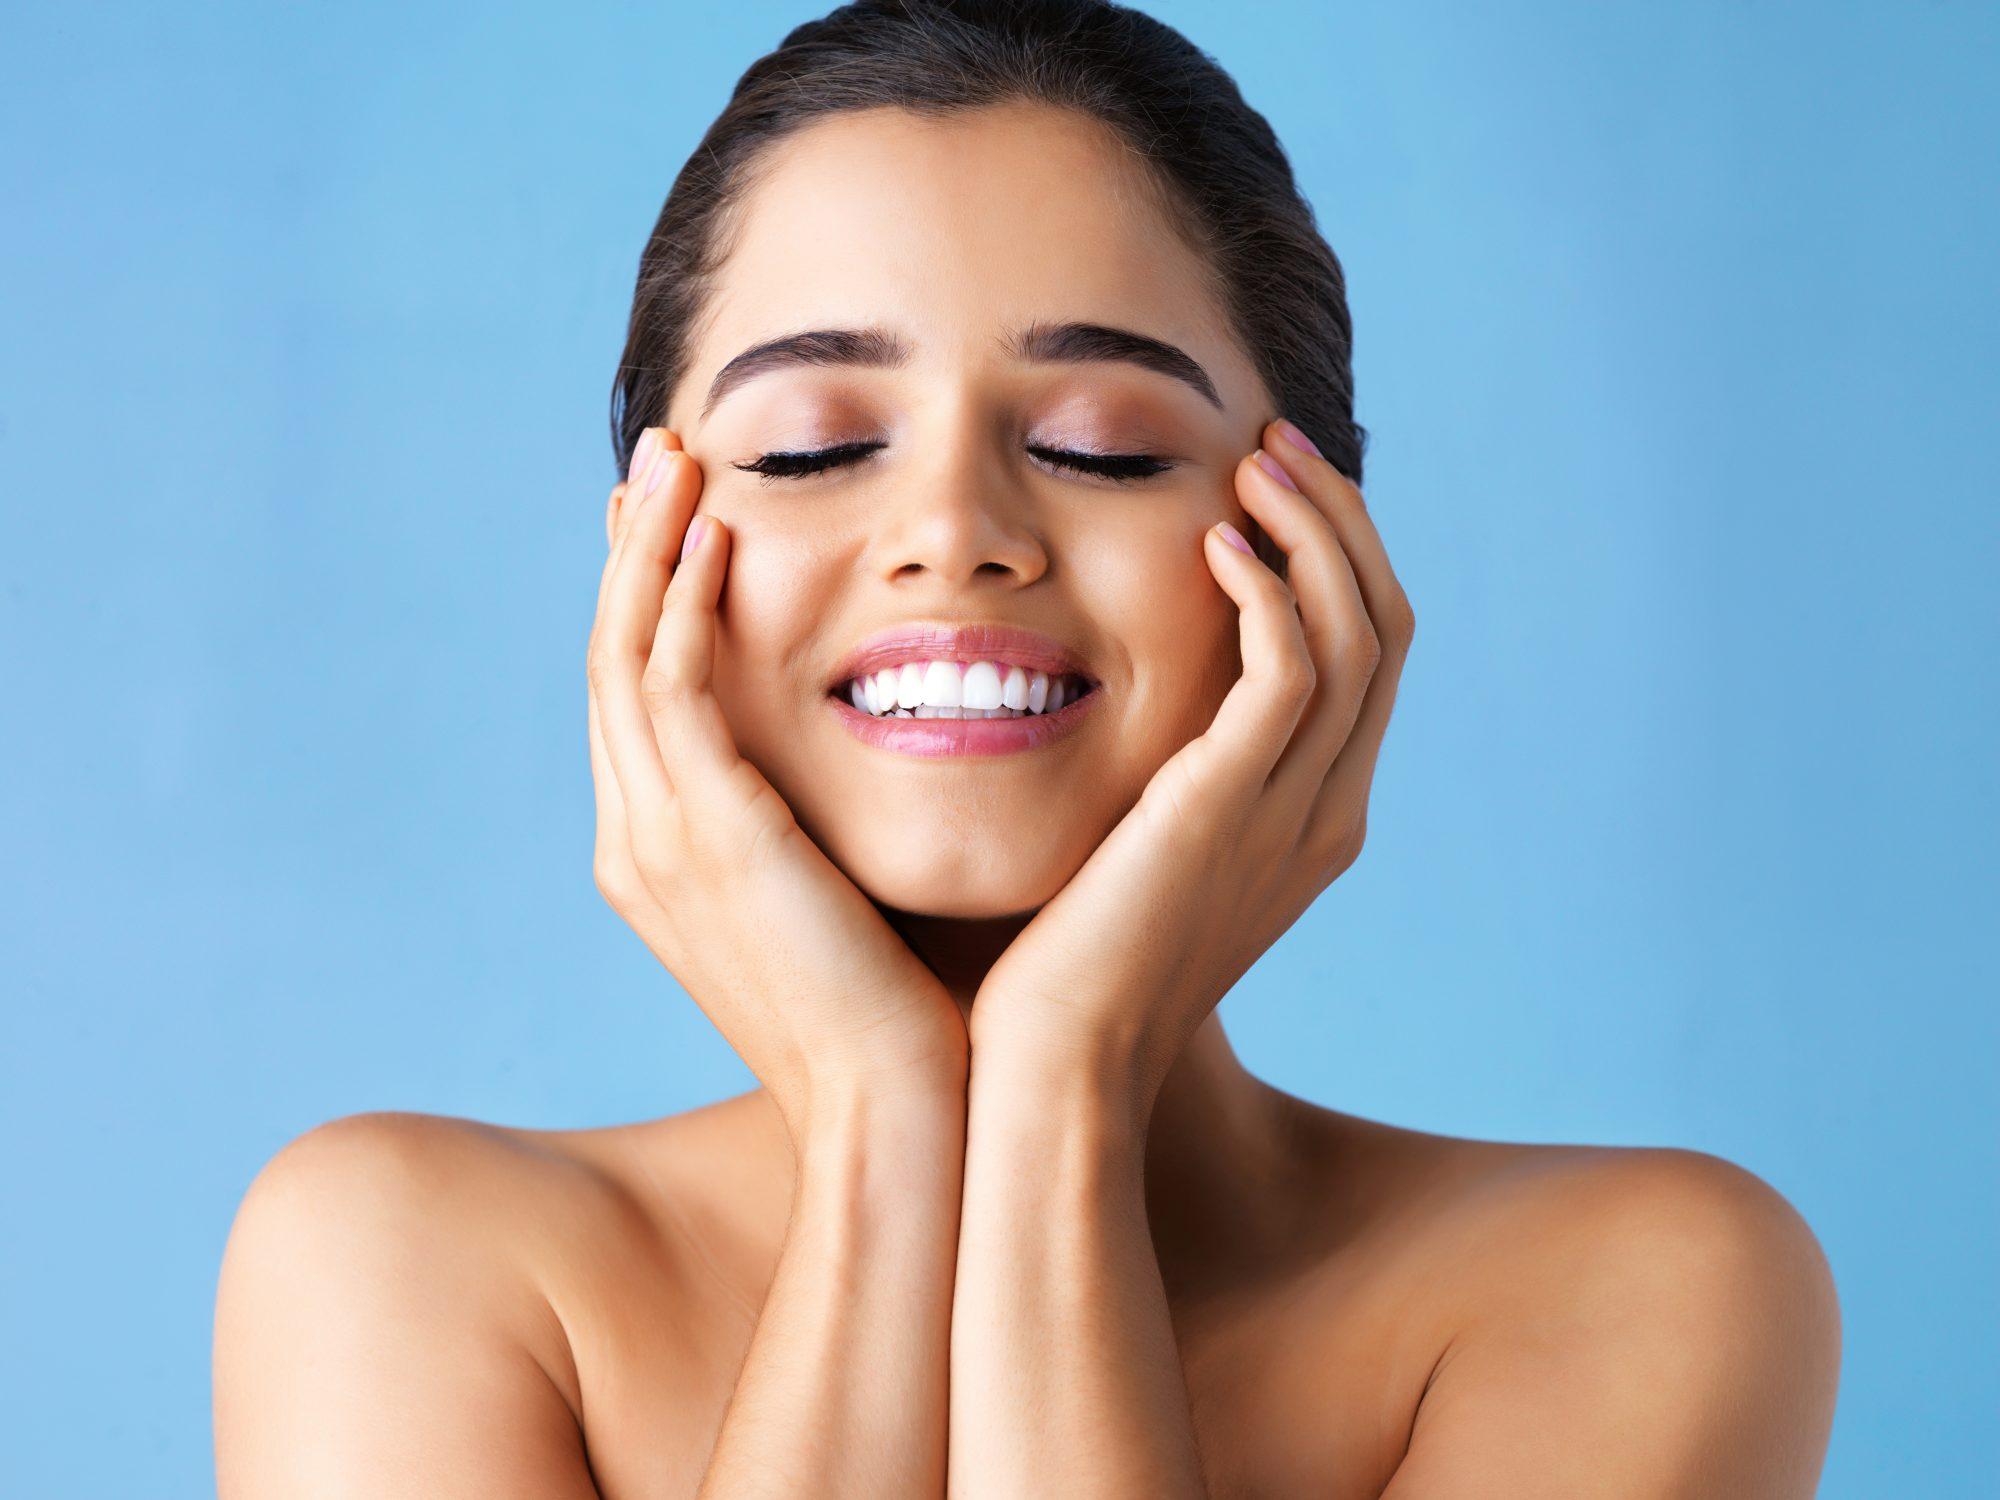 Despierta tu cara en segundos con esta terapia natural casera